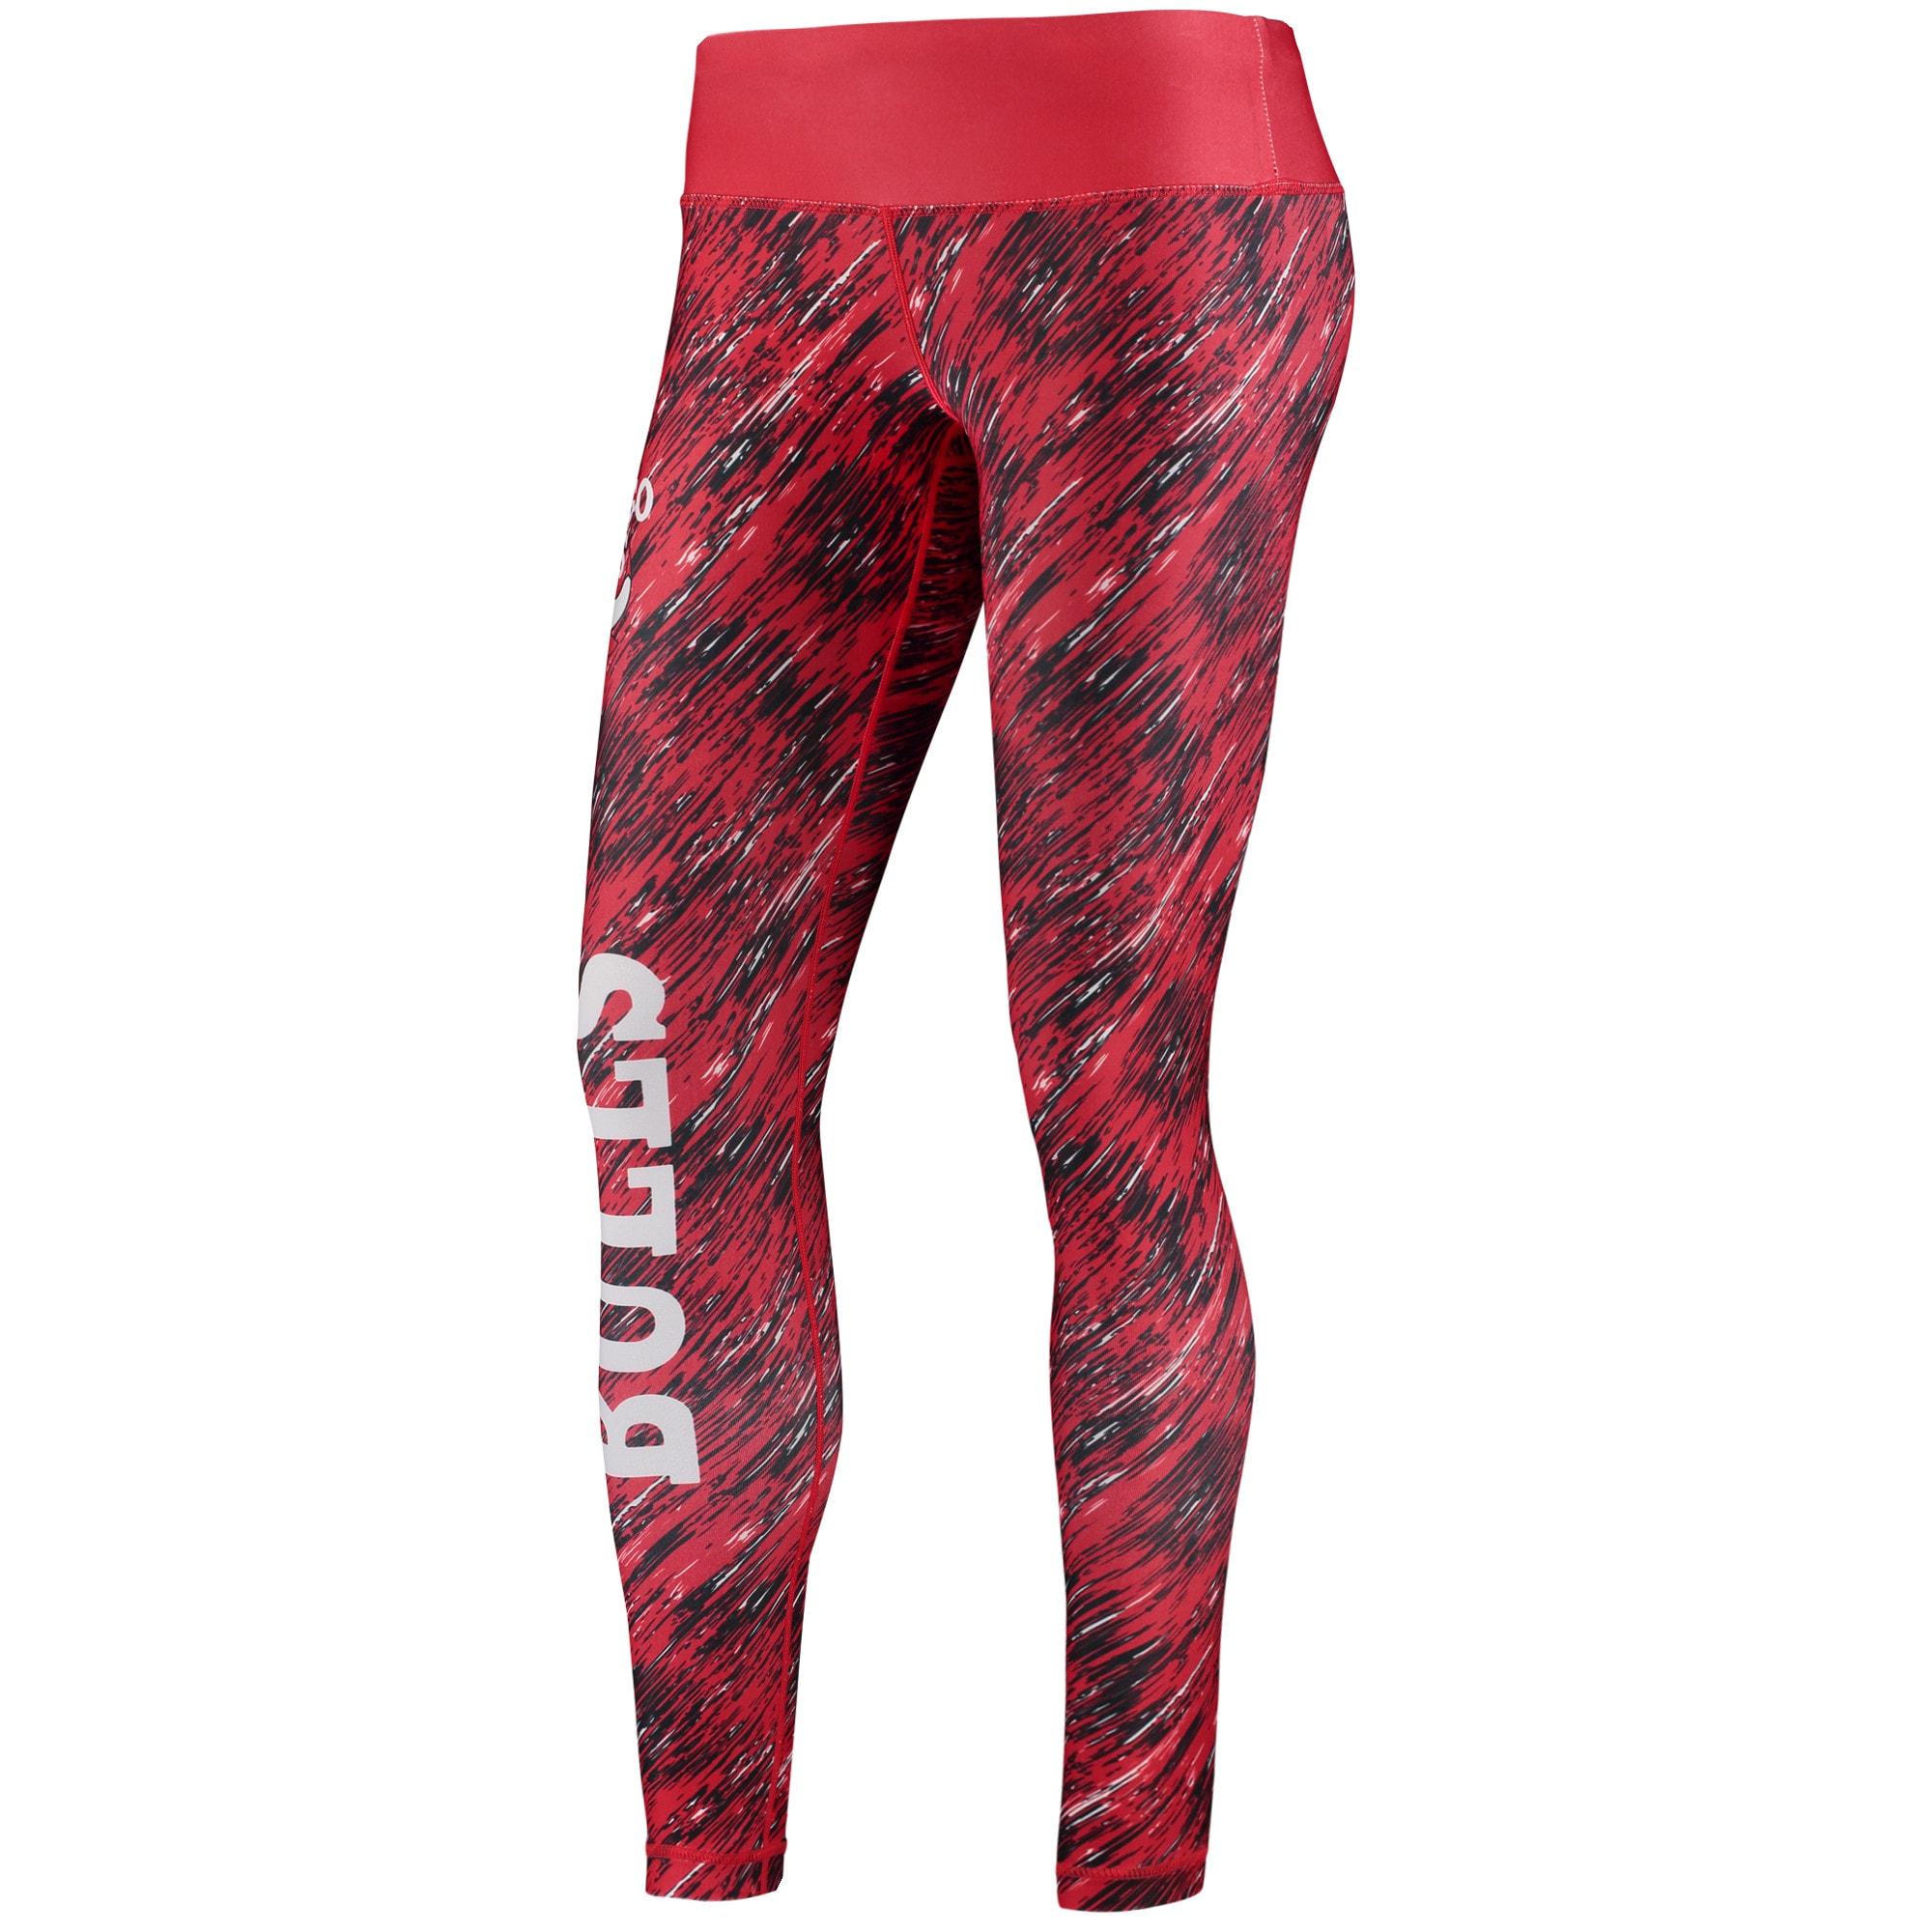 Chicago Bulls Women's Static Rain Leggings - Red